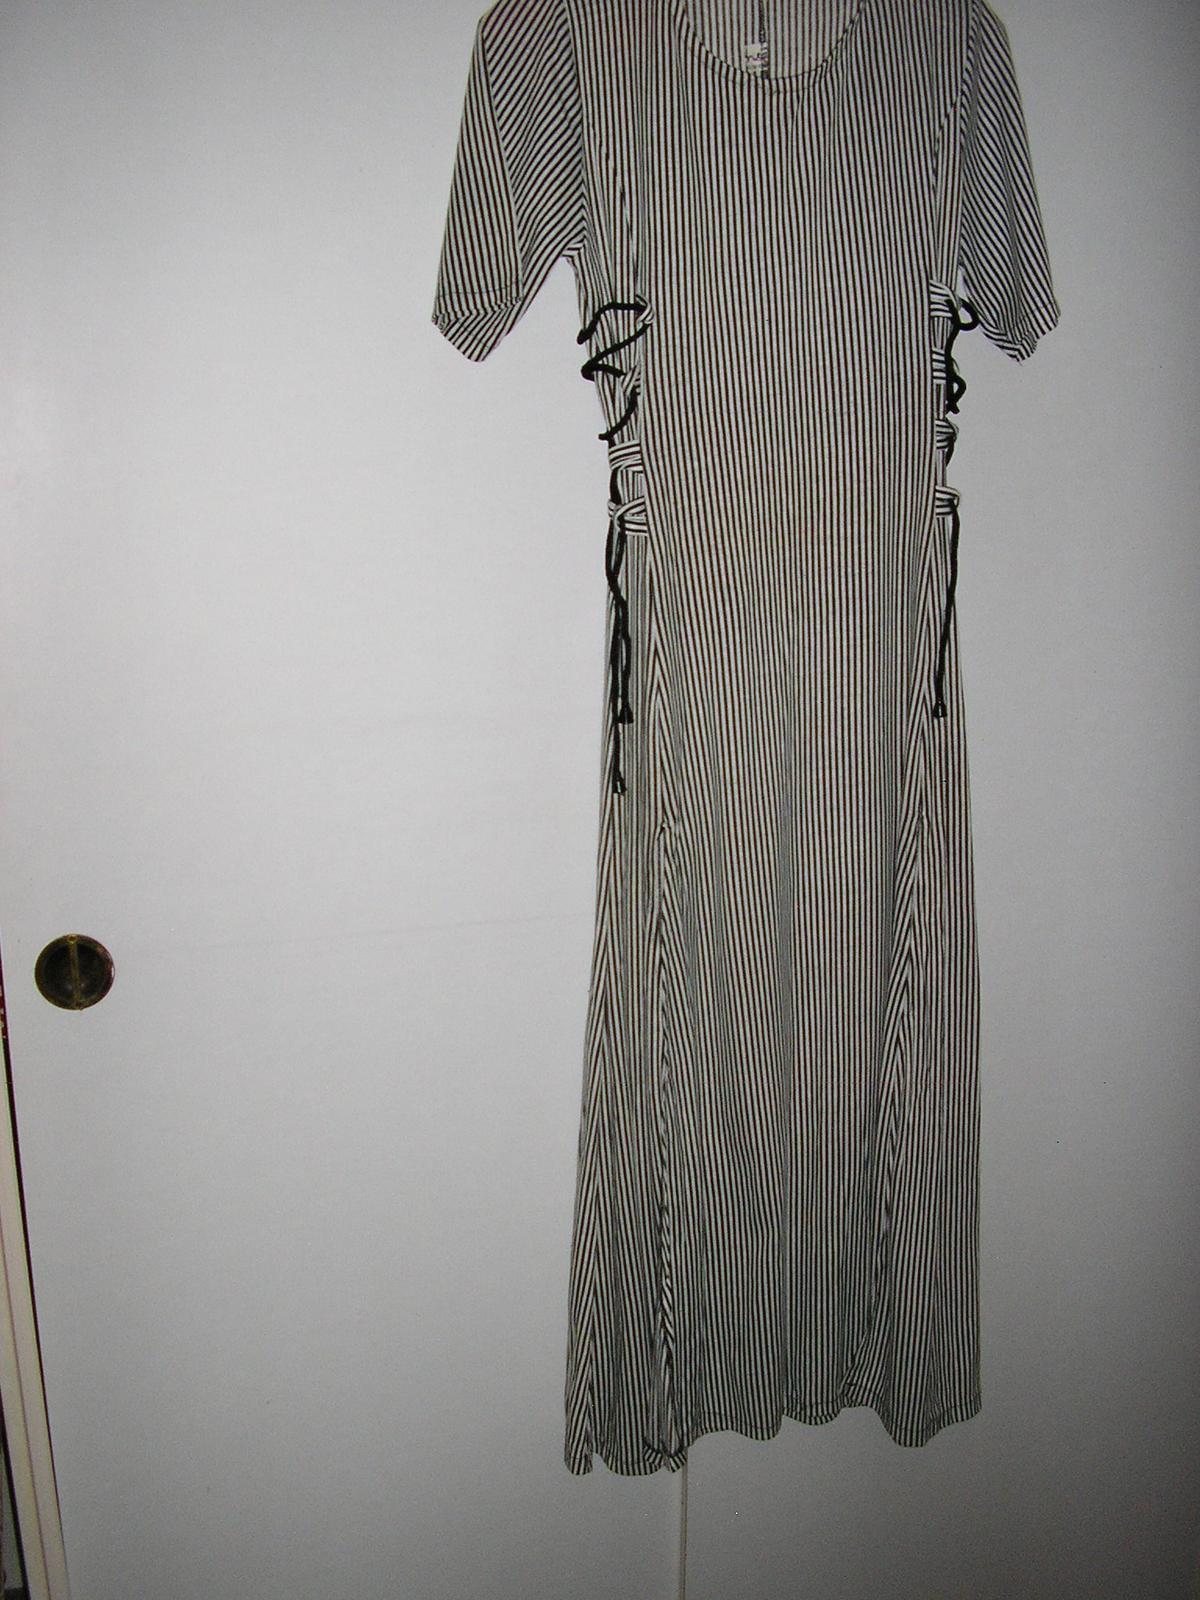 22 Prúžkované šaty  - Obrázok č. 1